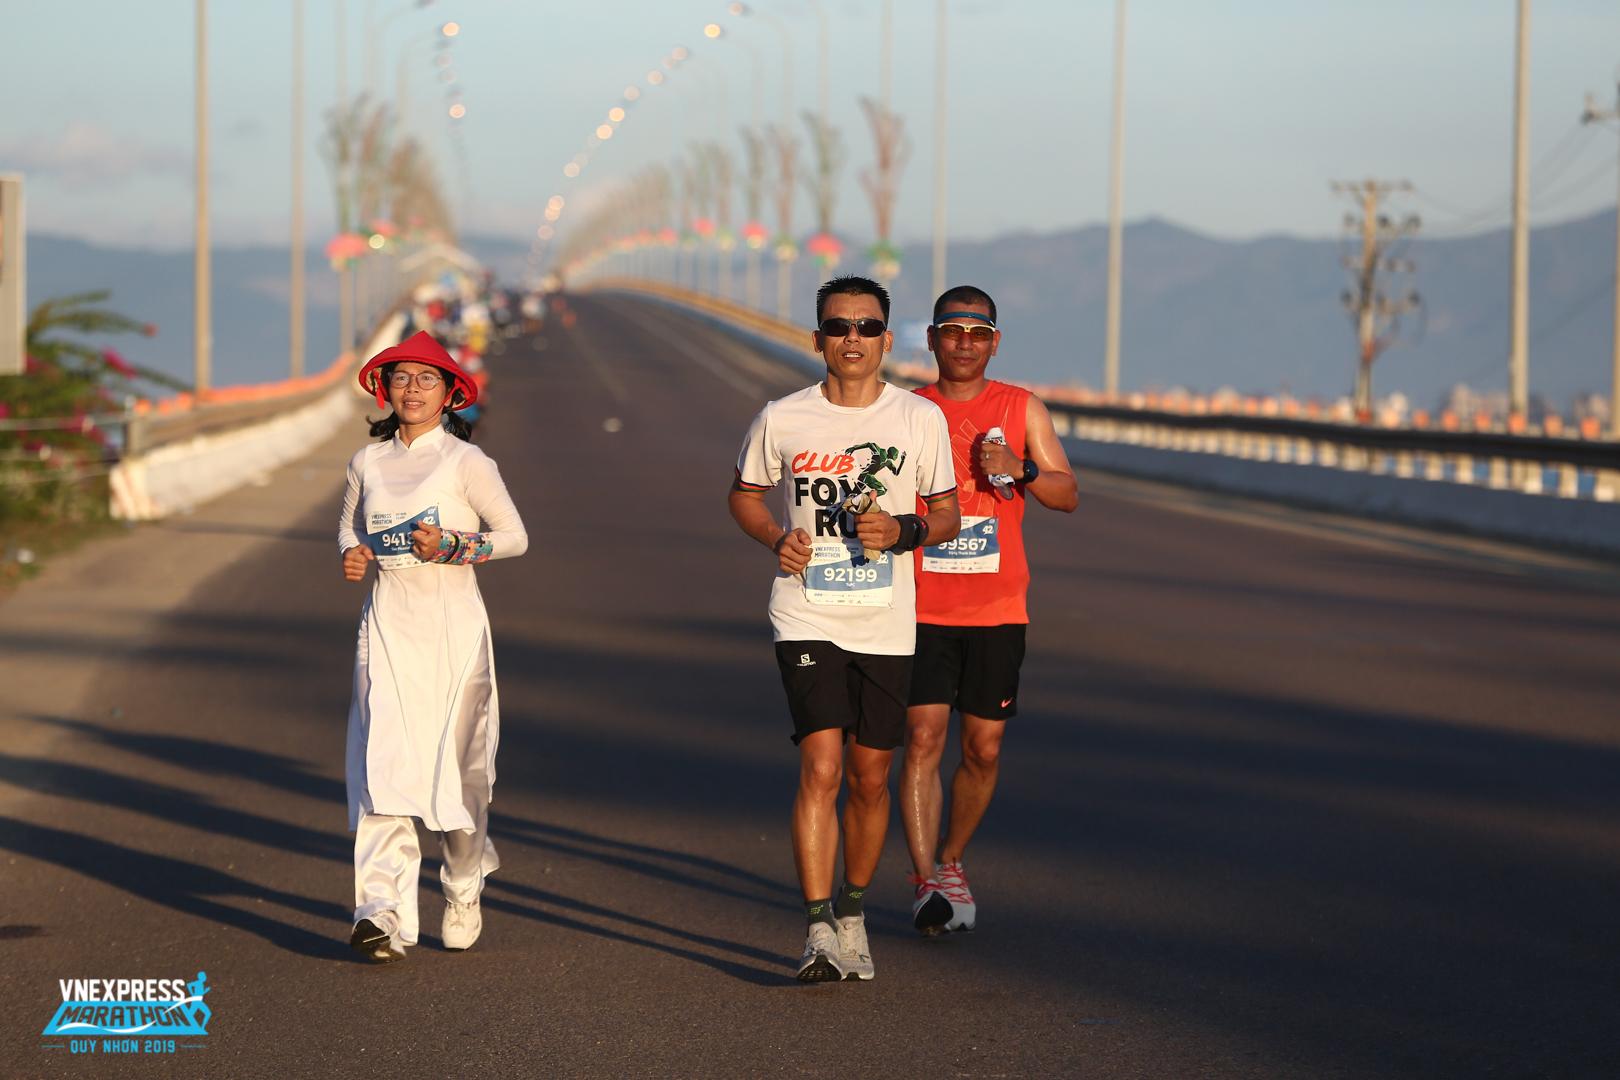 """Khoảnh khắc anh Phạm Công Tứ, Ban dự án Data Center FPT Telecom, đón bình minh ngày mới khi vừa vượt qua cầu Thị Nại - cầu vượt biển dài nhất Việt Nam.""""Tôi muốn thử sức và vượt qua chính mình trên đường chạy đạt chuẩn quốc tế đầy thử thách này"""", anh Tứ chia sẻ về lý do lần đầu đăng ký mốc 42 km. Với người yêu chạy bộ, đỉnh cao chính là hoàn thành một cuộc đua marathon. Chỉ khi ấy, thành viên này mới được cộng đồng xác nhận mạnh mẽ, kiên trì, bền bỉ, lì lợm."""